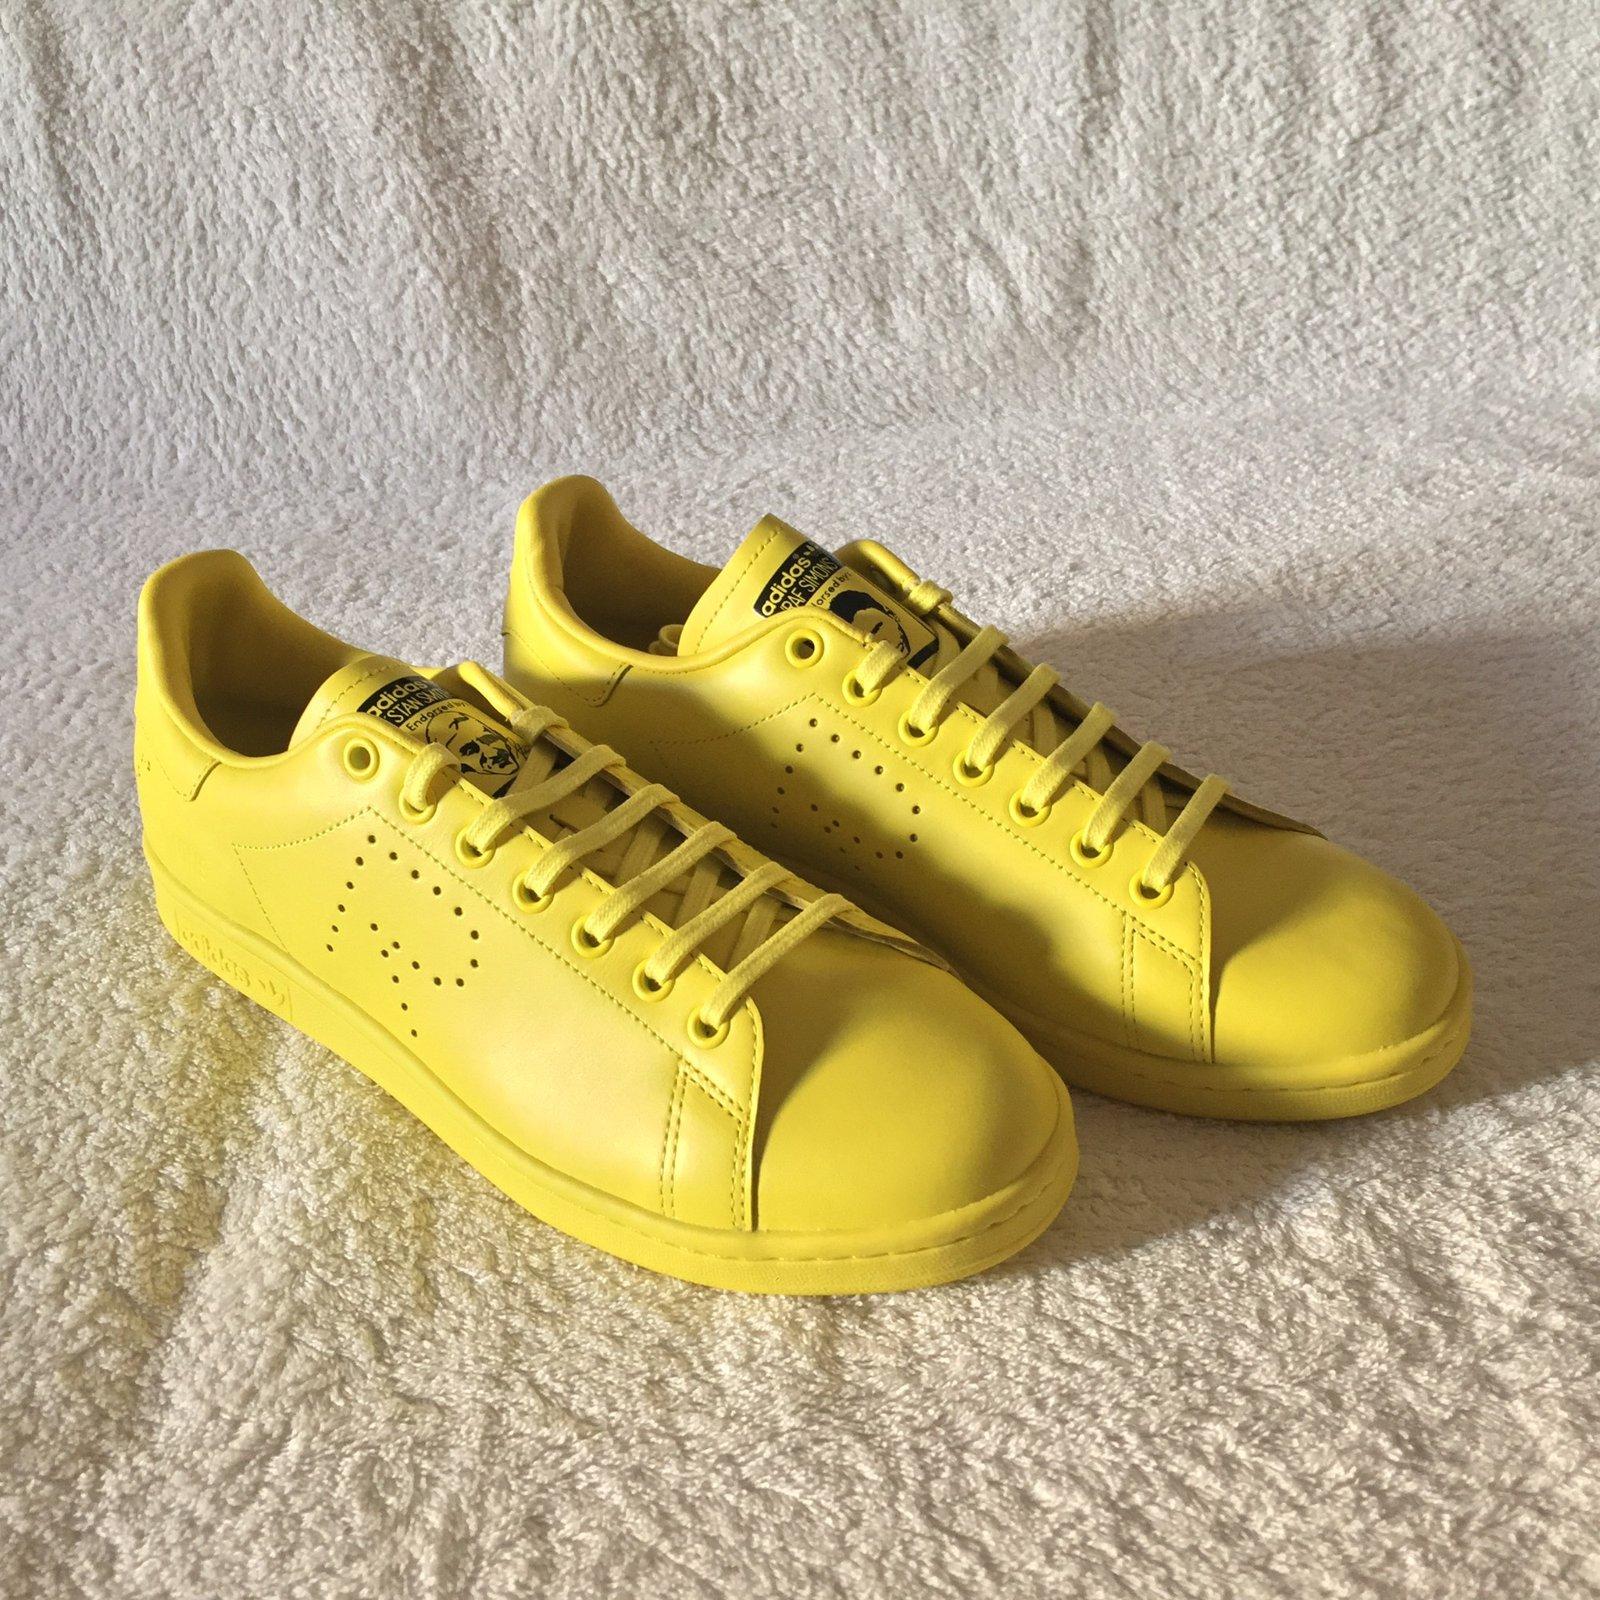 Raf Simons for Adidas Stan Smith